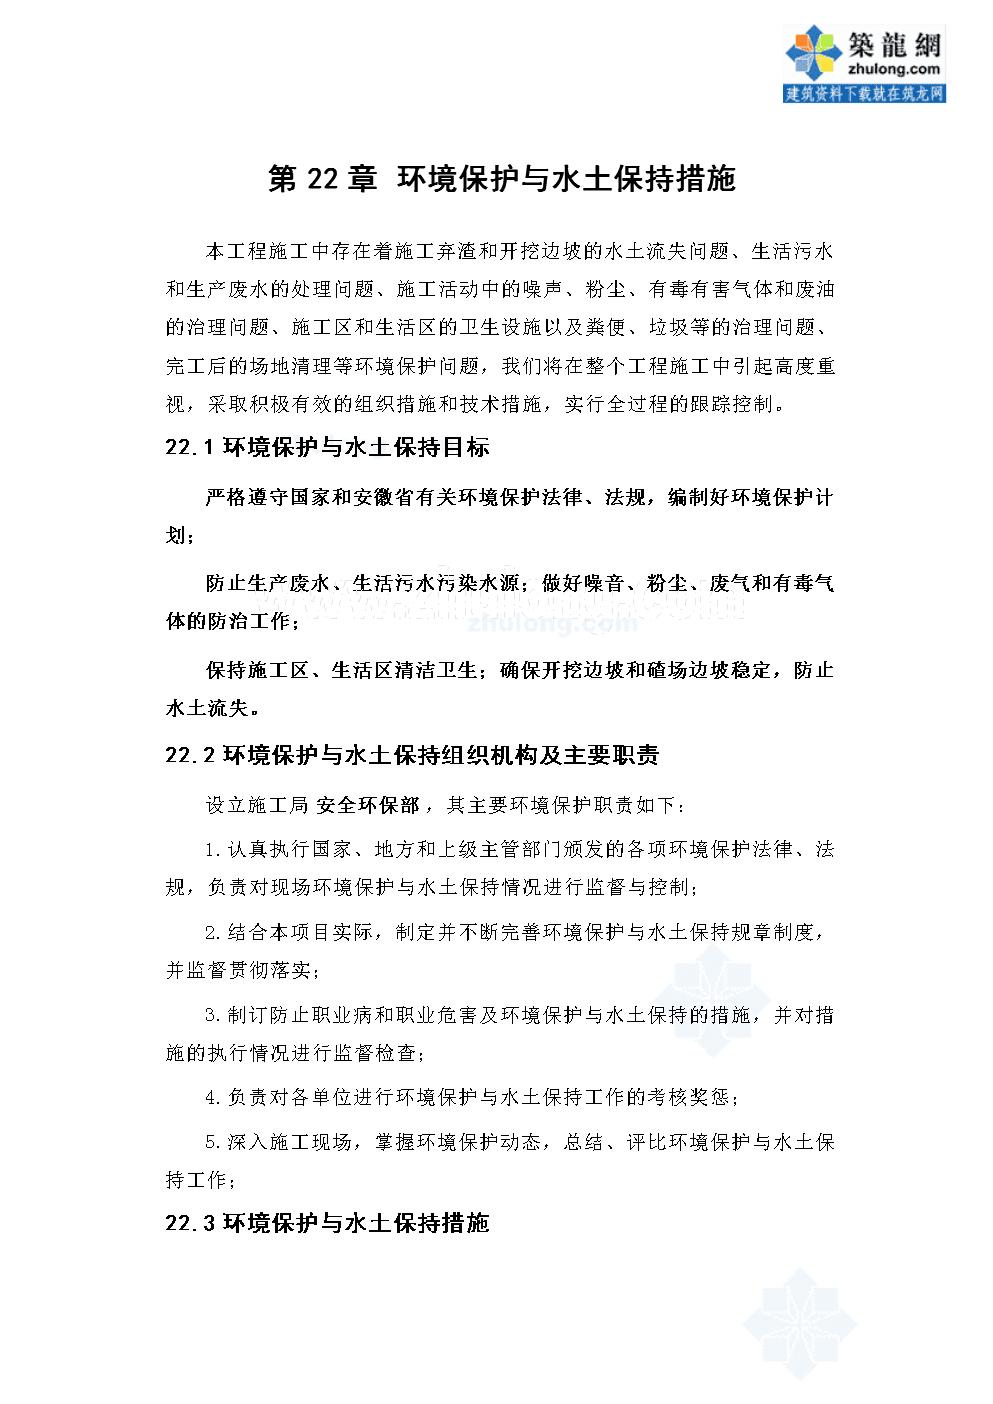 第22章 环境保护与水土保持措施厂房_正稿.doc